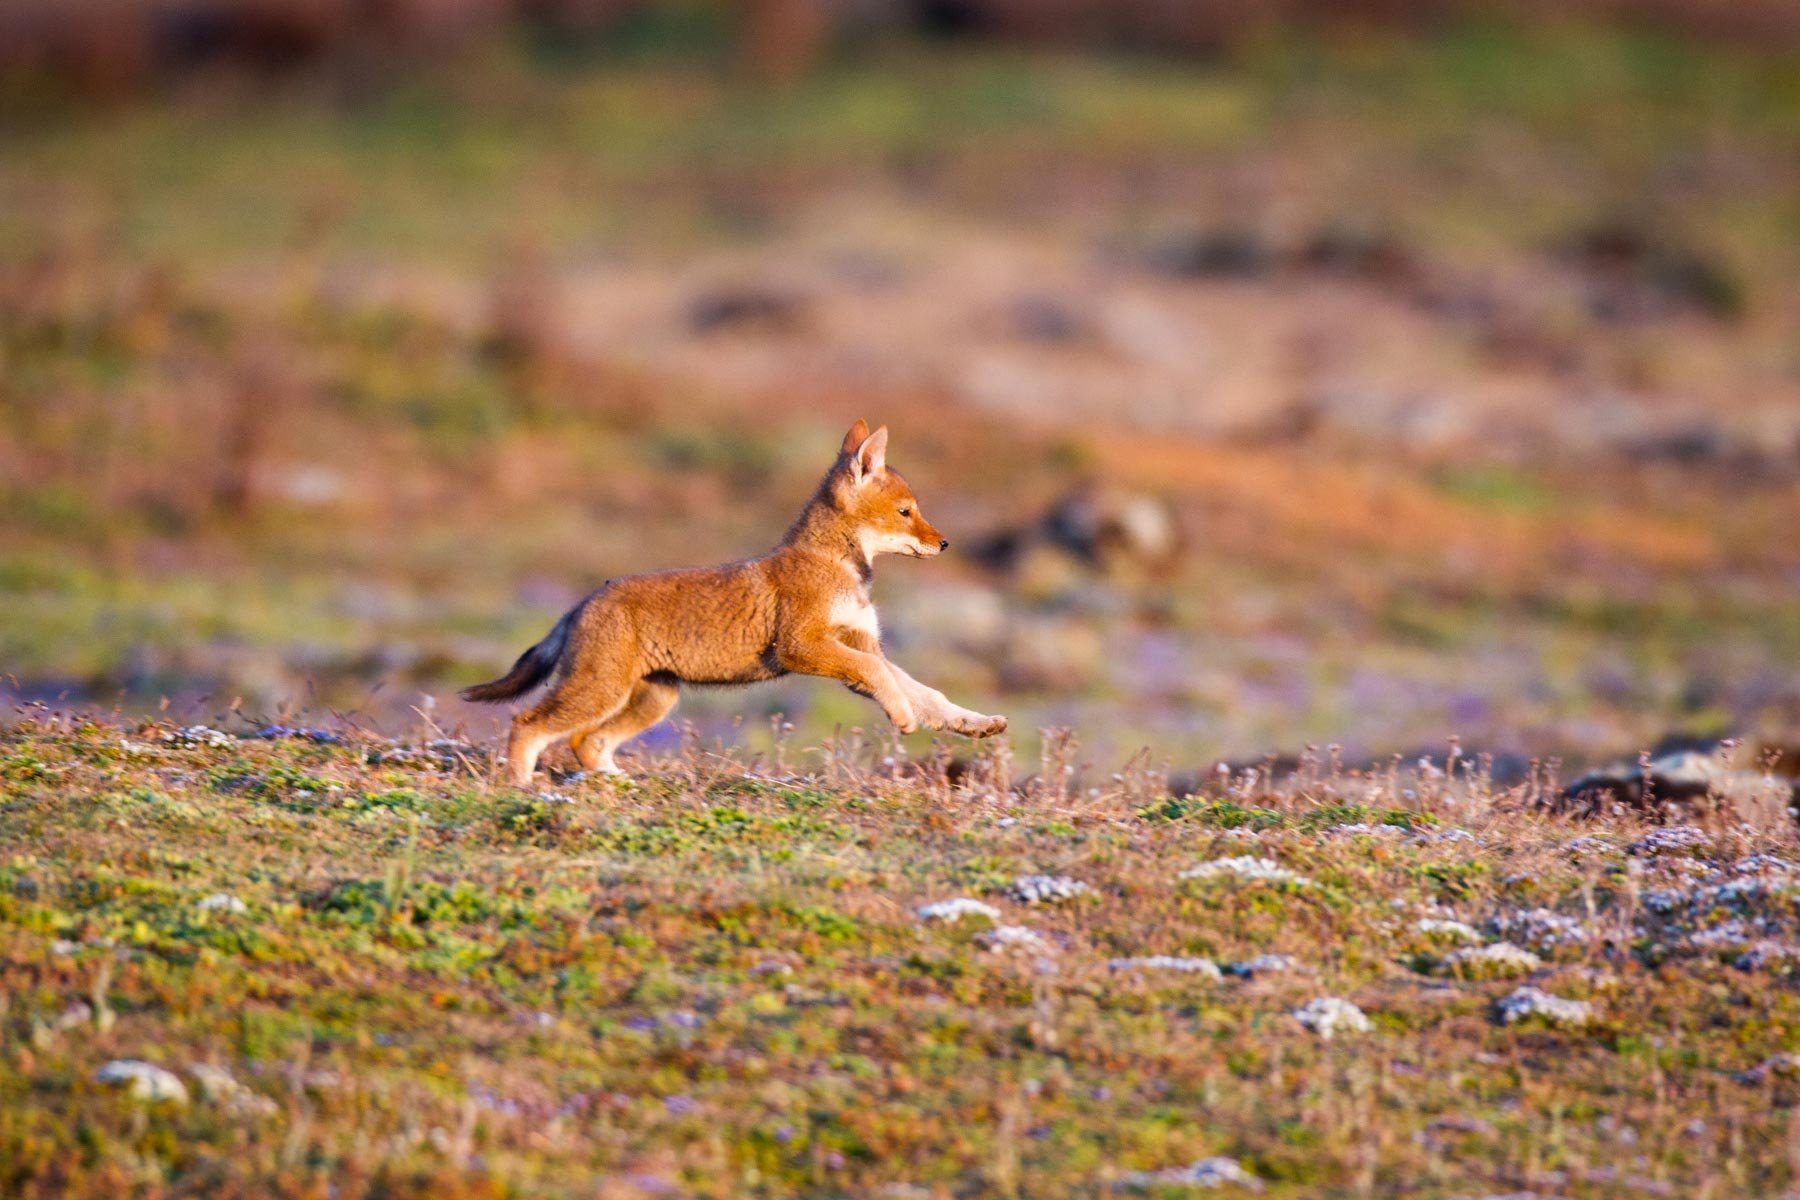 Ehtiopian-wolf-will-burrard-lucas-12